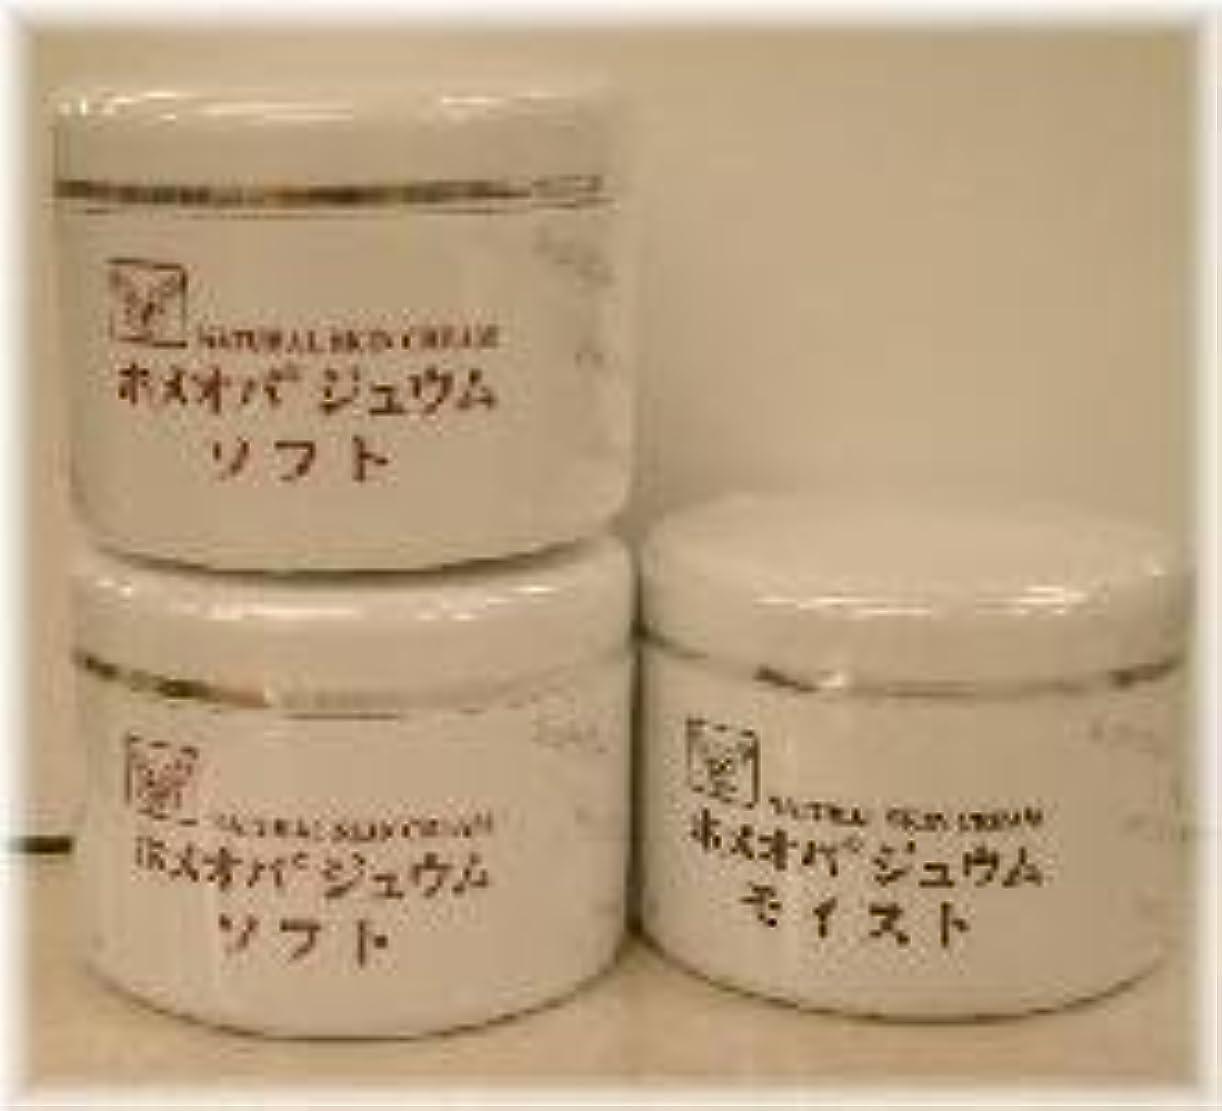 スタック処理軌道ホメオパジュウム スキンケア商品3点 ¥10500クリームソフト2個+クリームモイスト